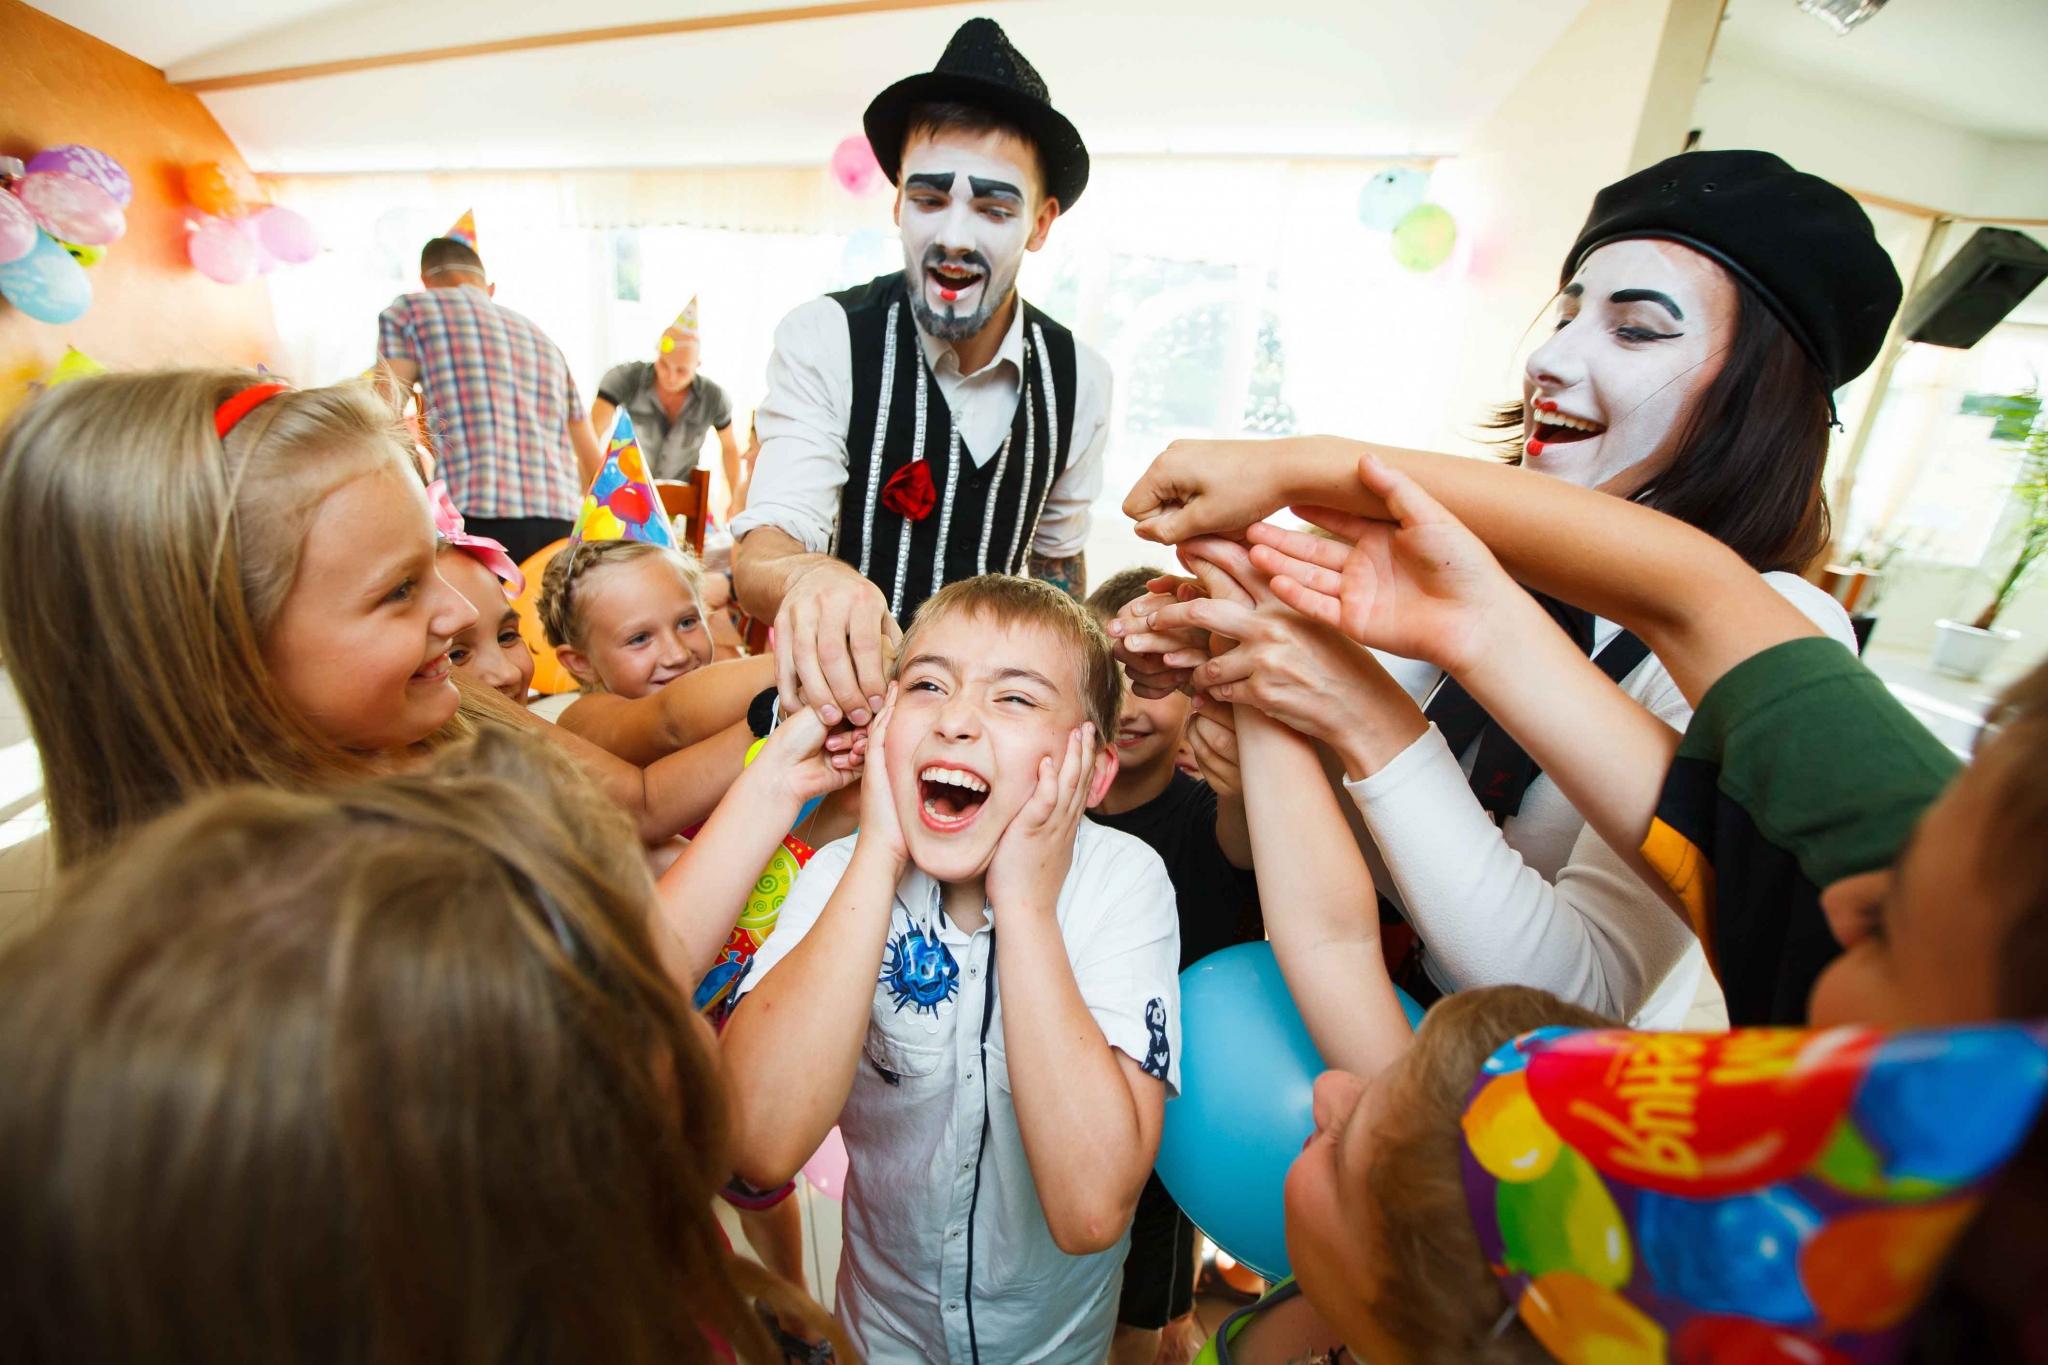 Конкурсы и развлечения на детских праздниках